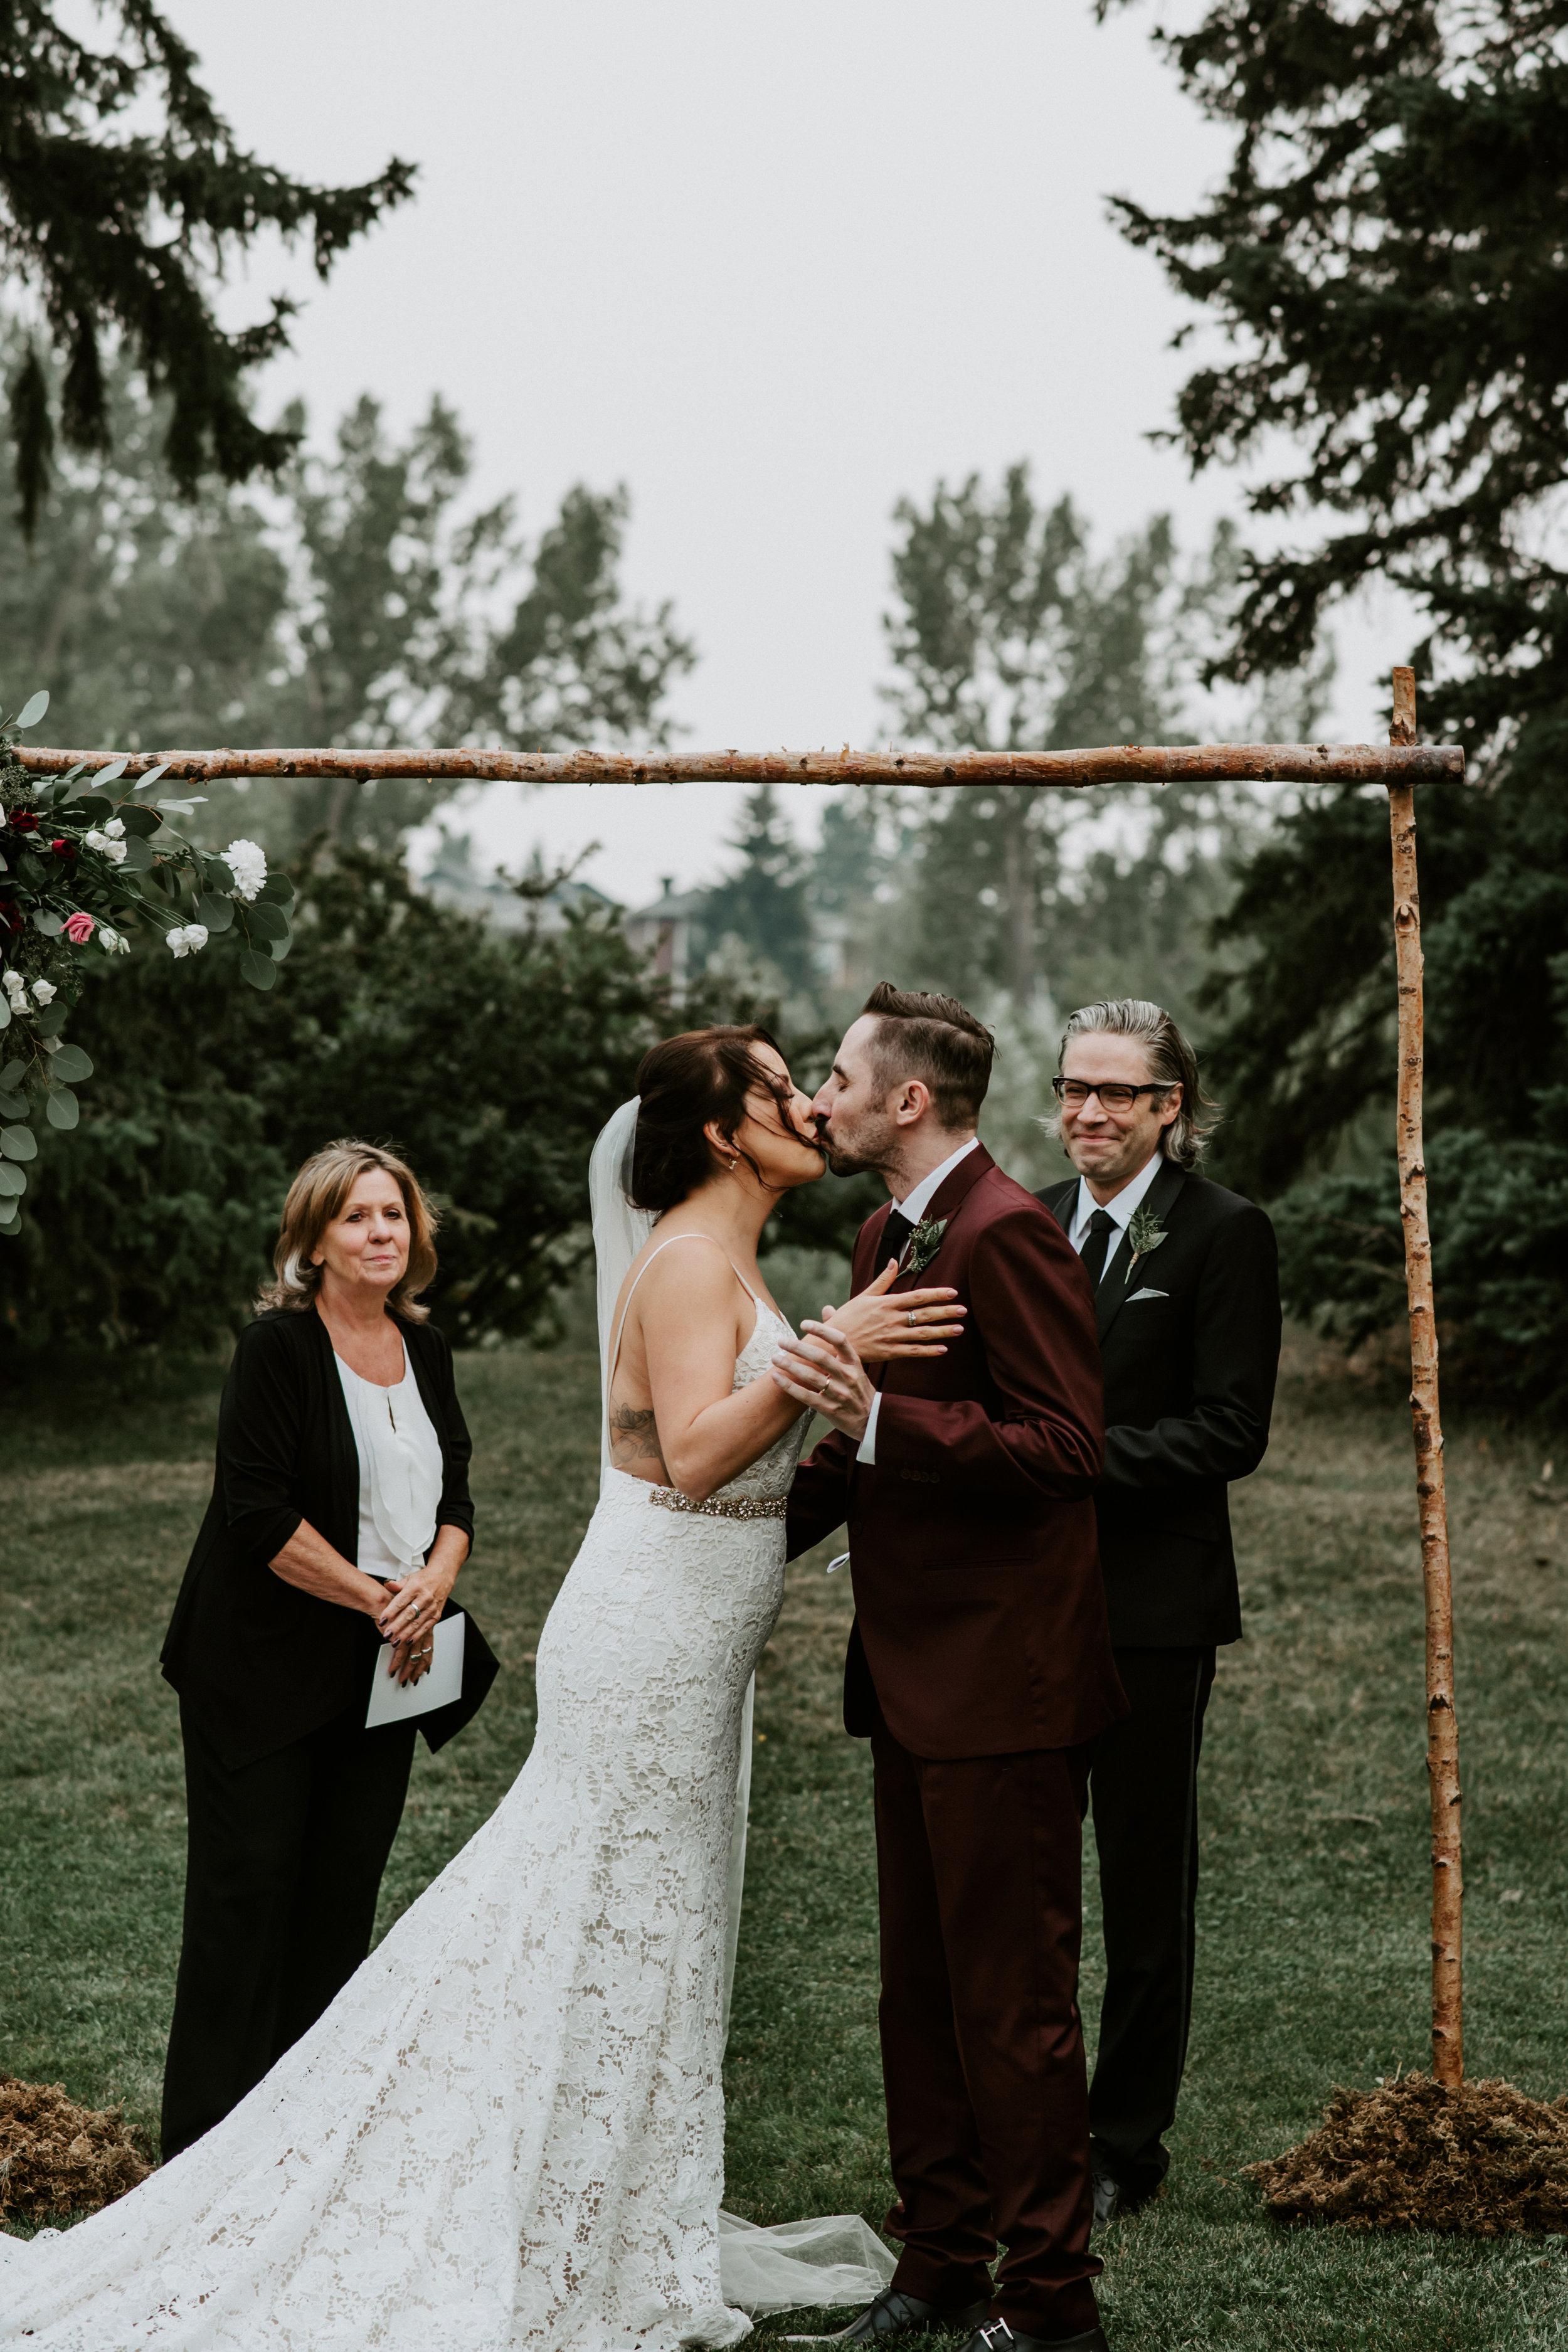 Calgary Wedding Photographer - 31 of 84.jpg